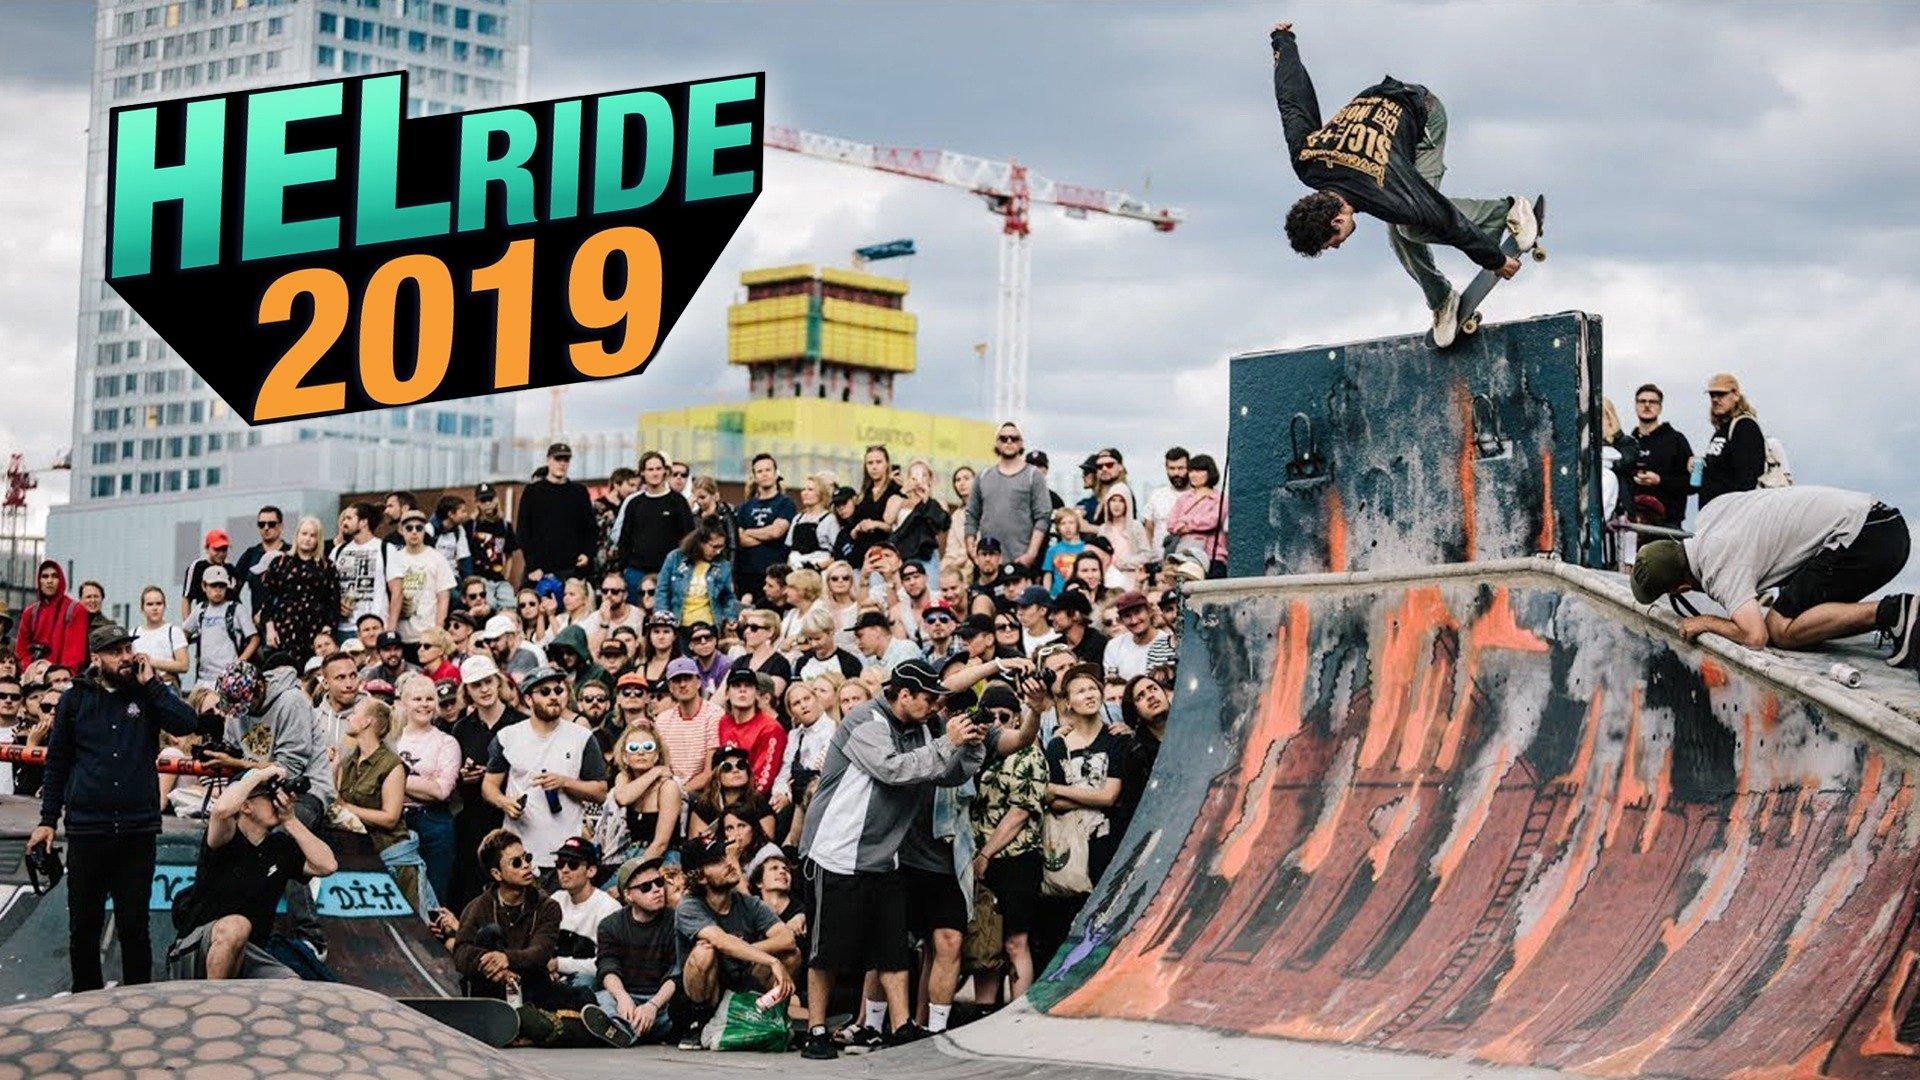 HELride 2019